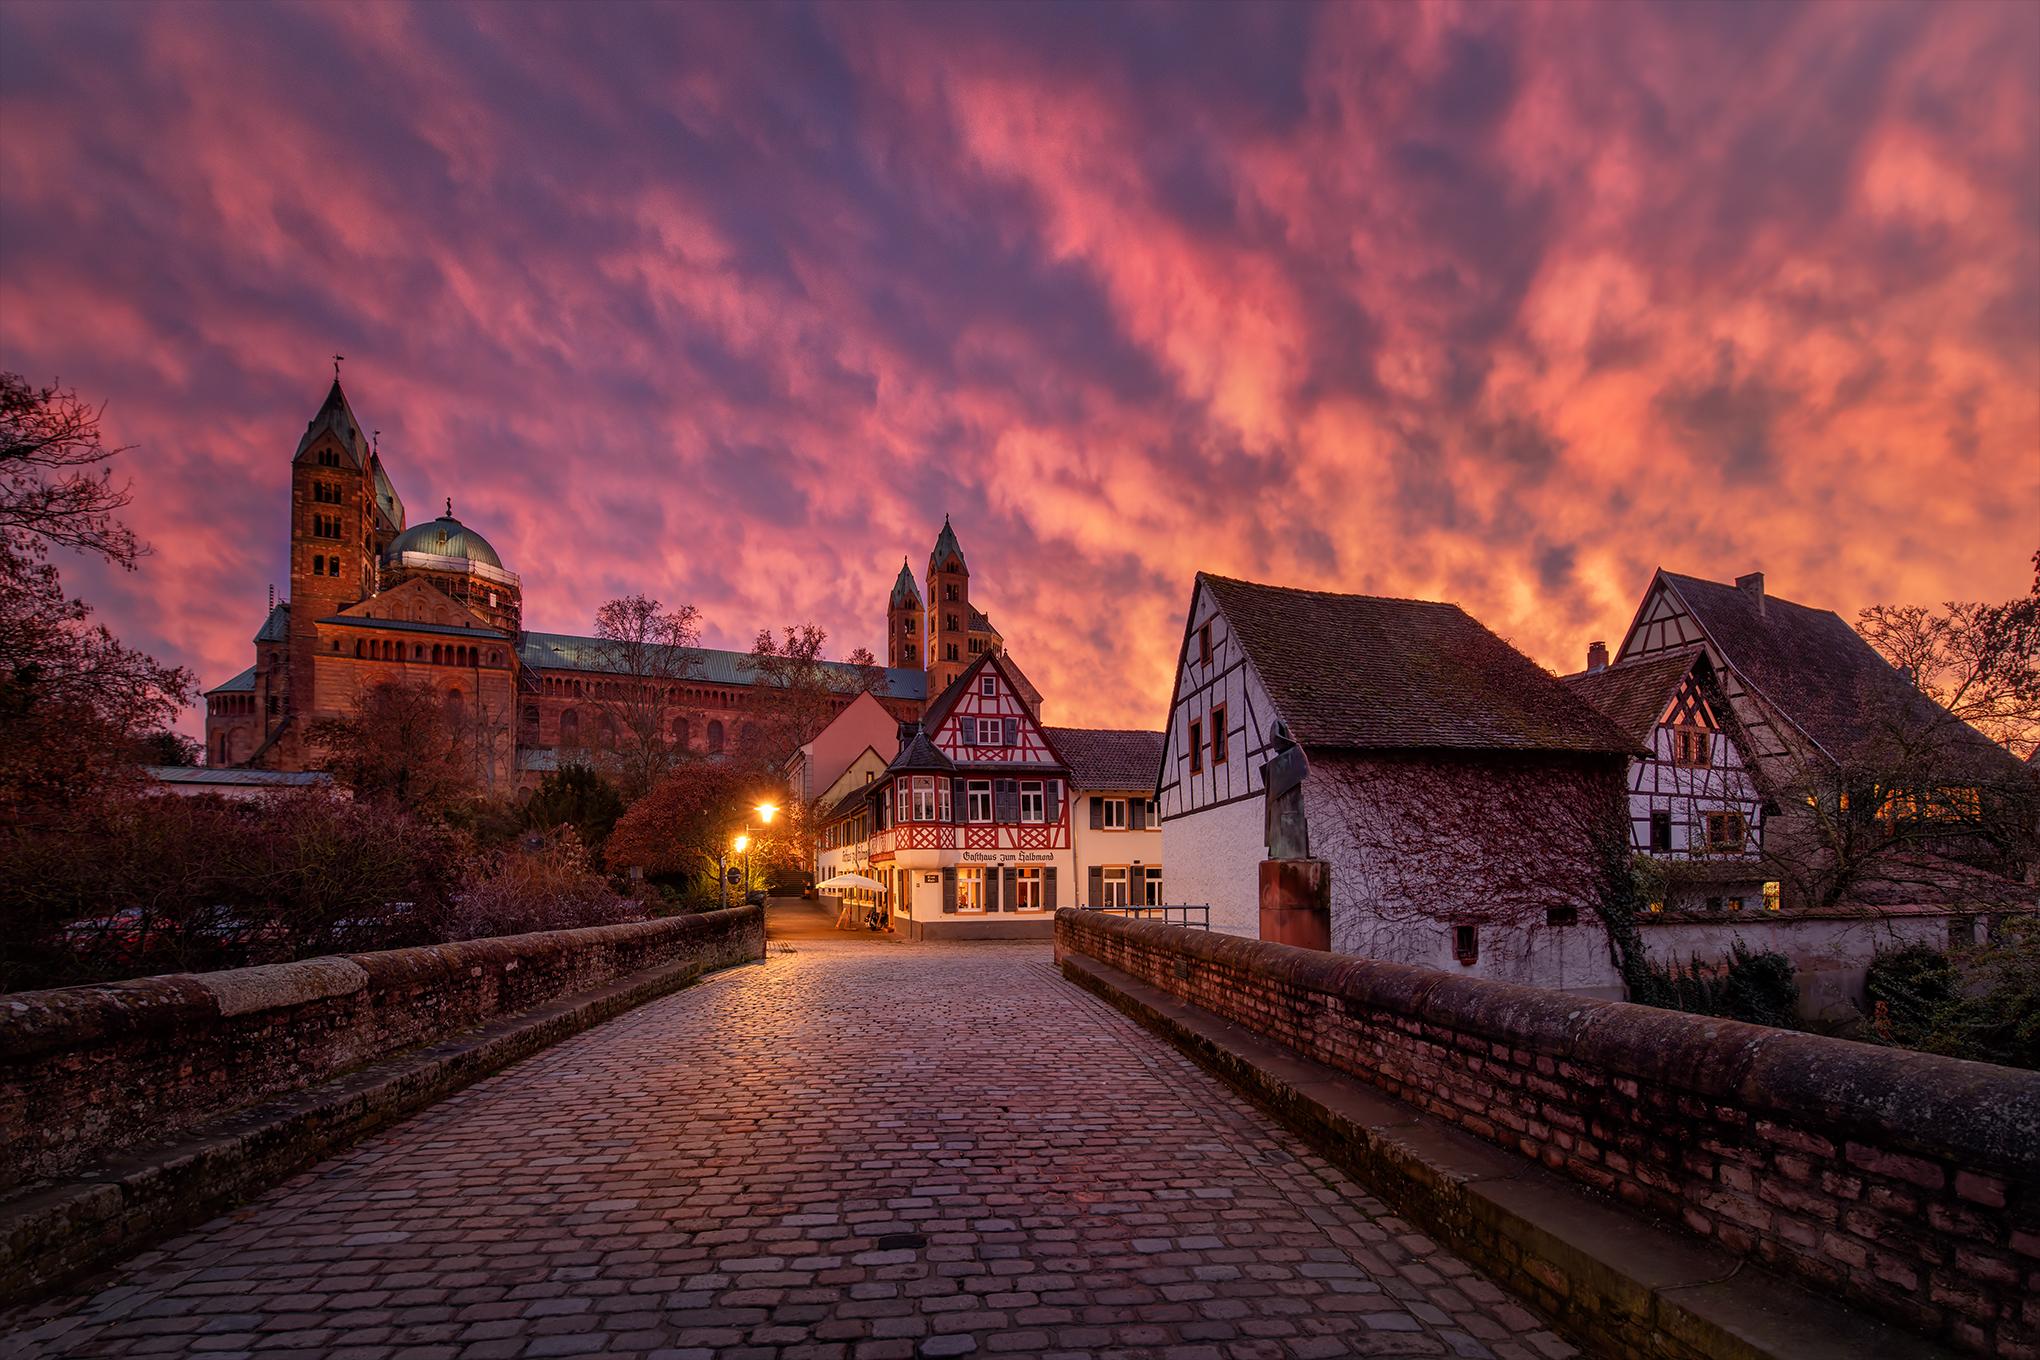 Der Dom zu Speyer im Abendrot